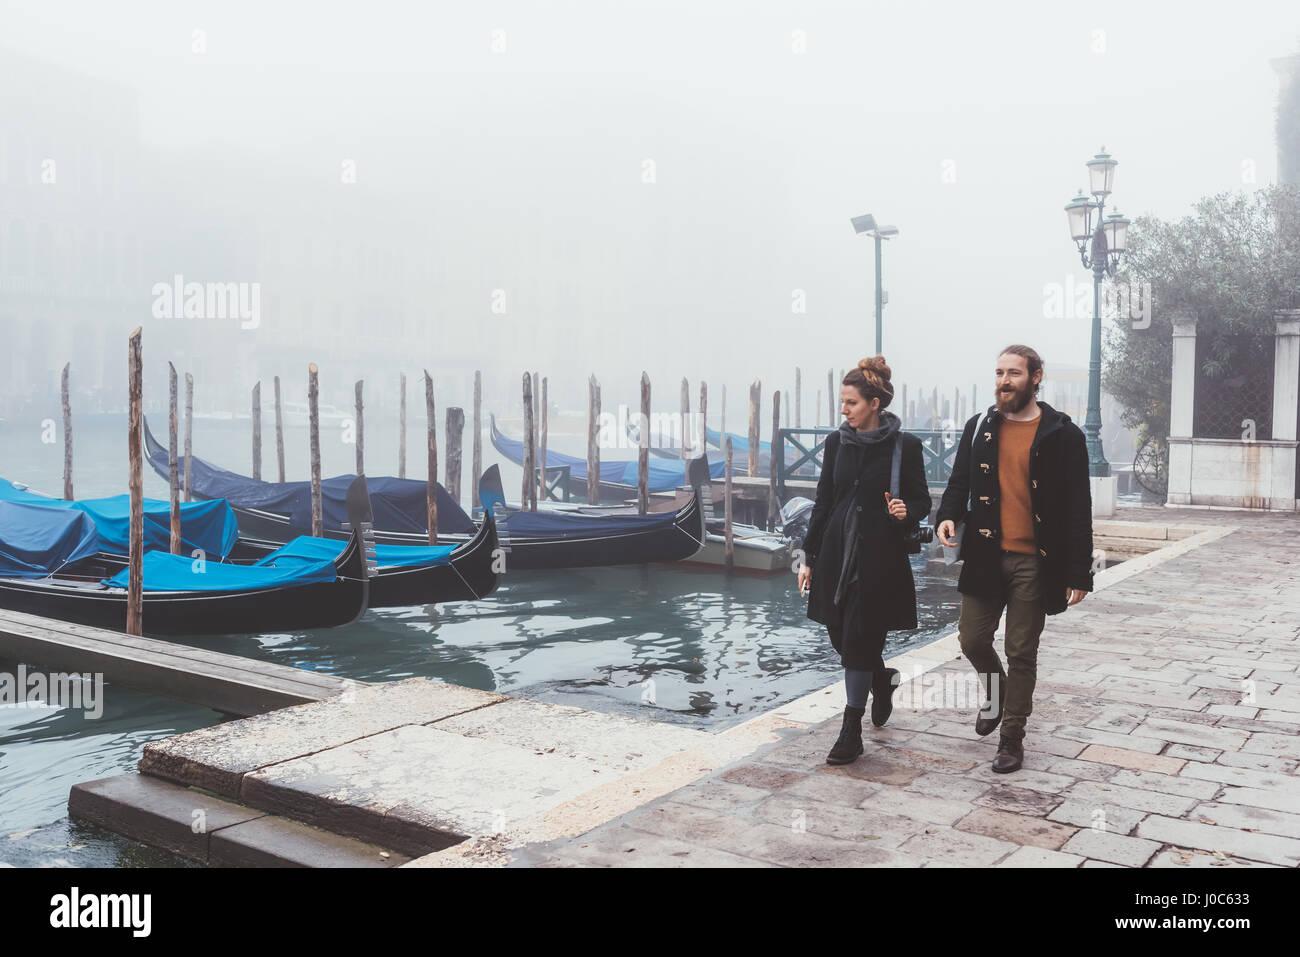 Pareja paseando por misty canal Waterfront, Venecia, Italia Imagen De Stock